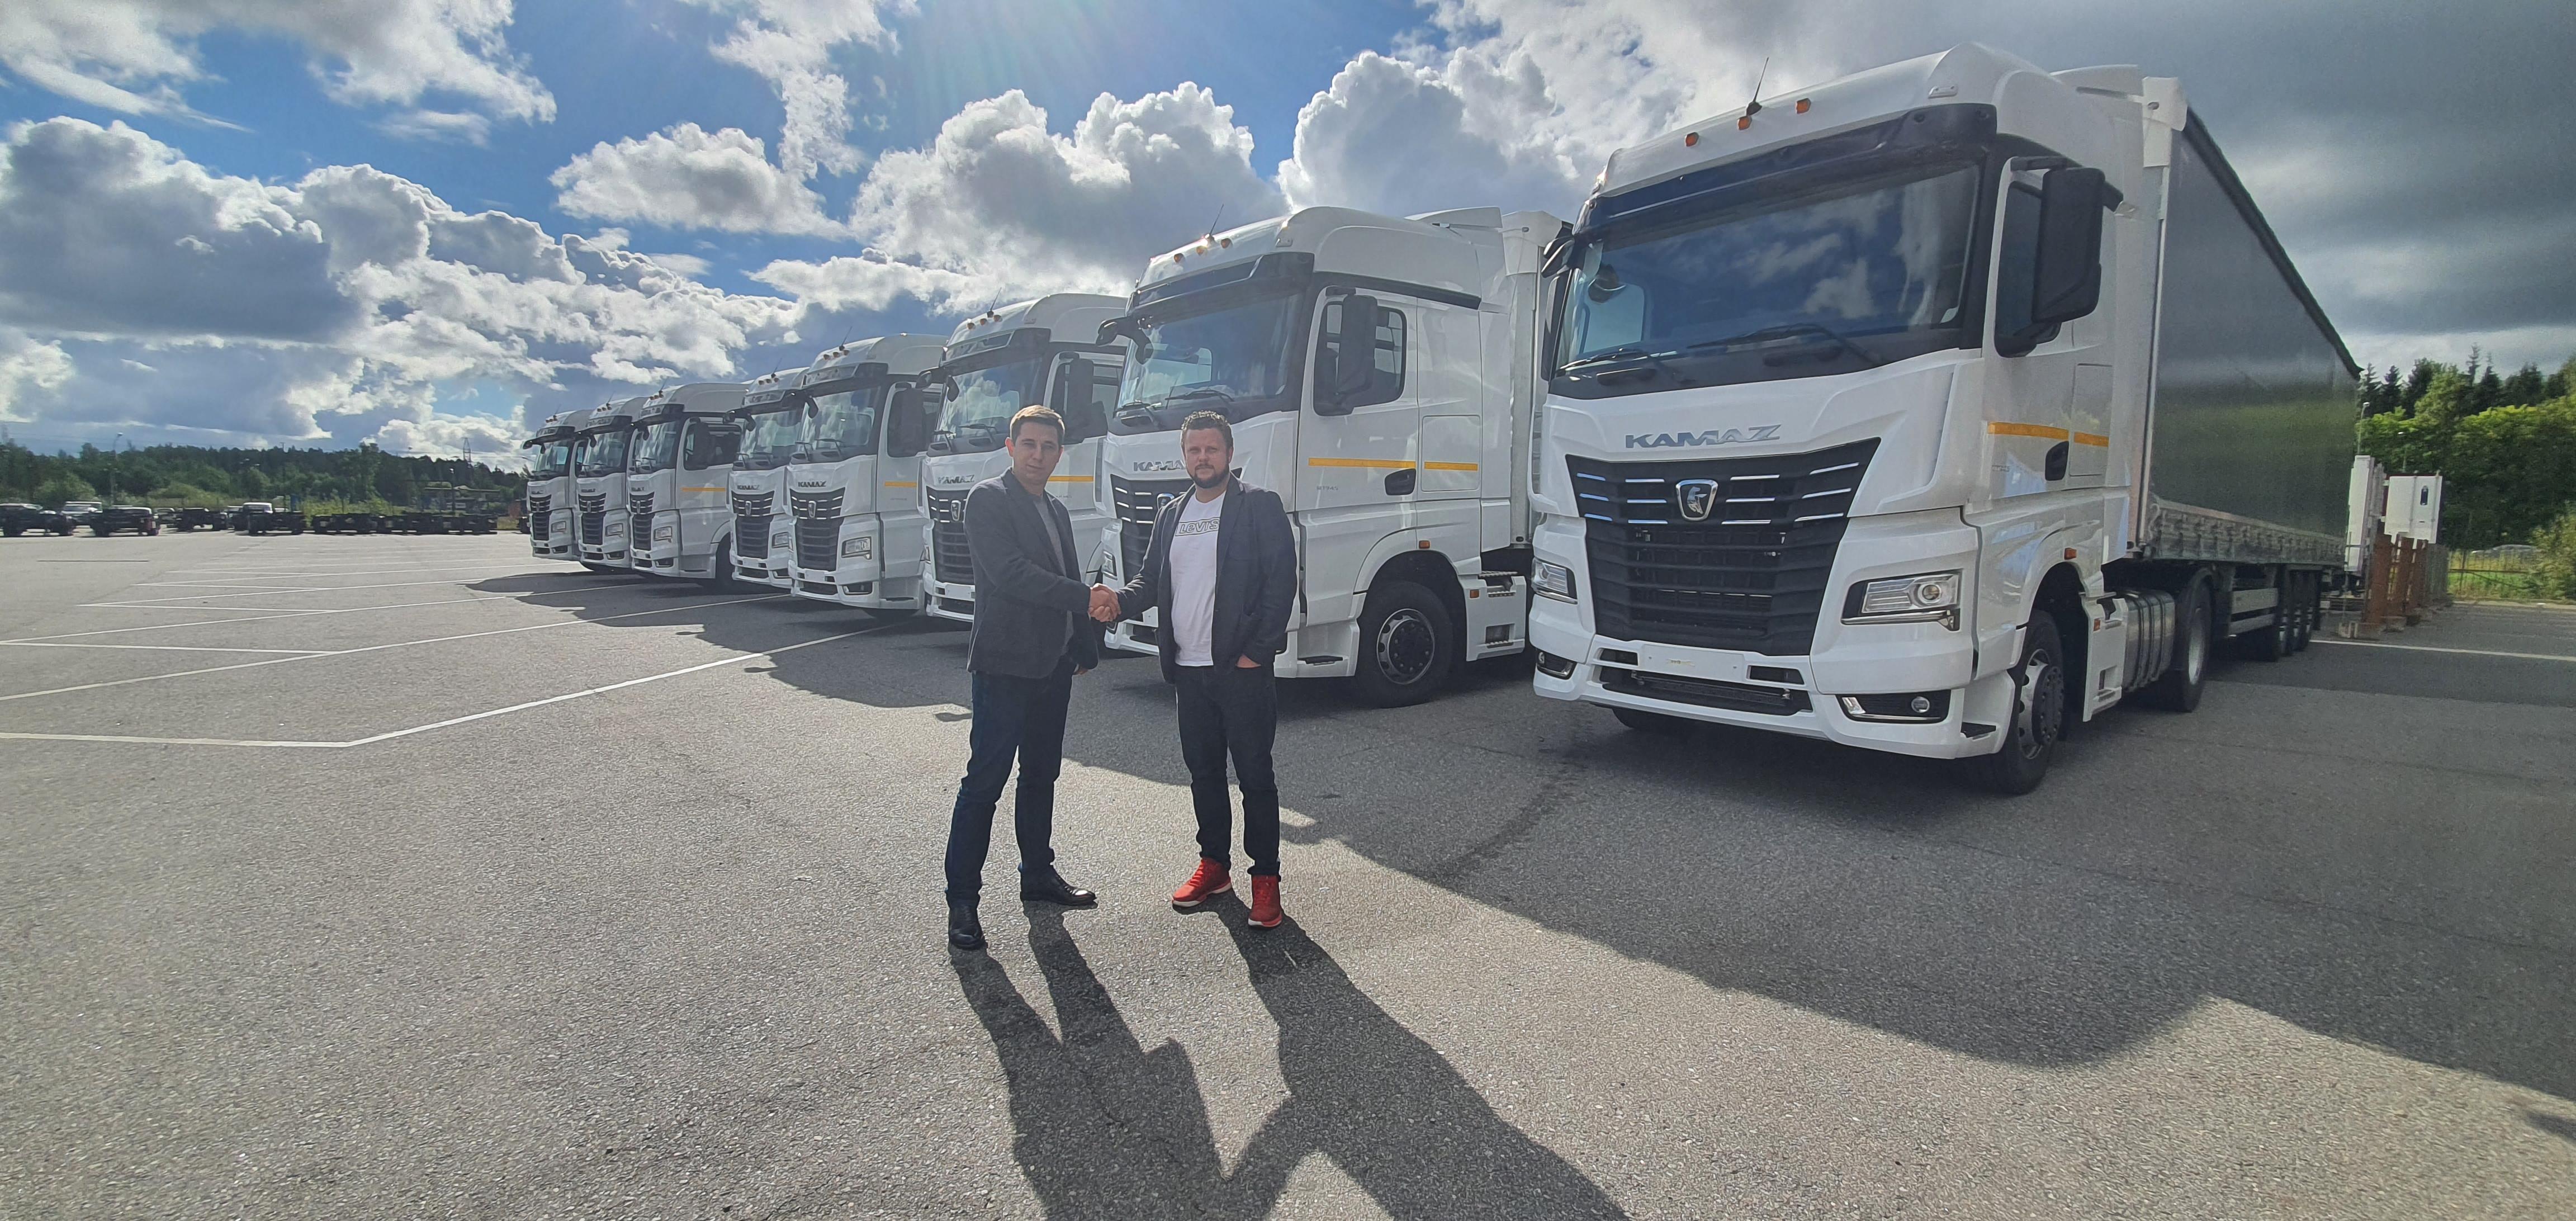 Магистральные тягачи КАМАЗ в лизинг для перевозчика из Санкт-Петербурга